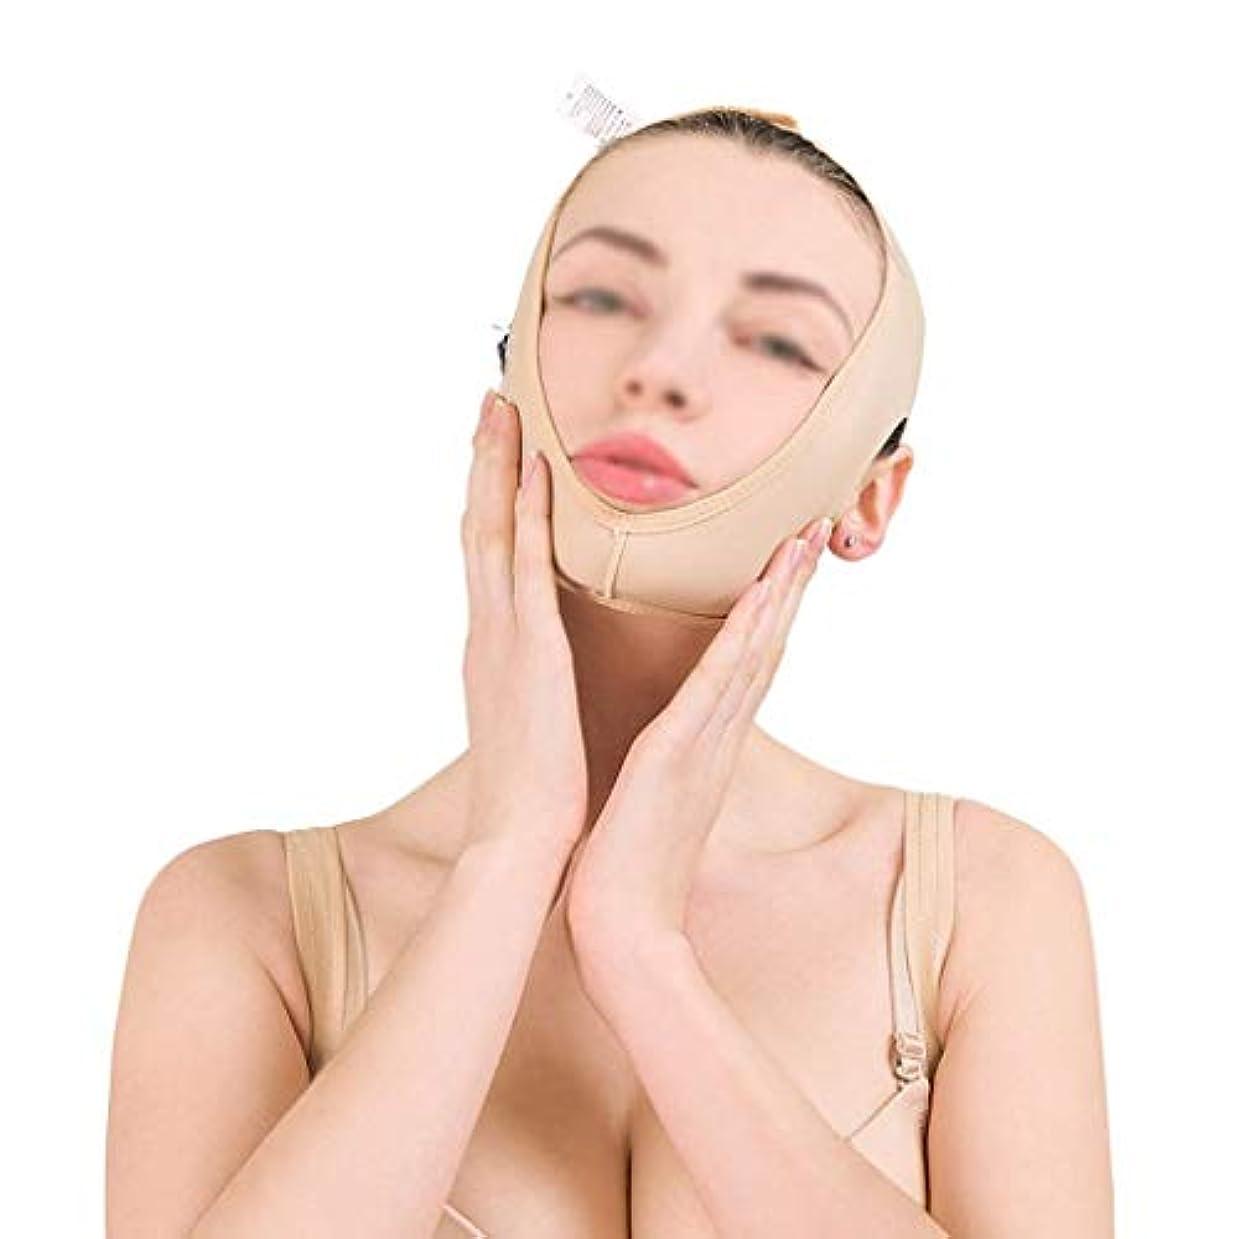 シャッフルテーマポルノマスク減量、肌の包帯を引き締めるリフティングフェイスバンド、フェイスリフティング、ダブルチンビューティバンデージ、フェイスリフト(サイズ:L),ザ?